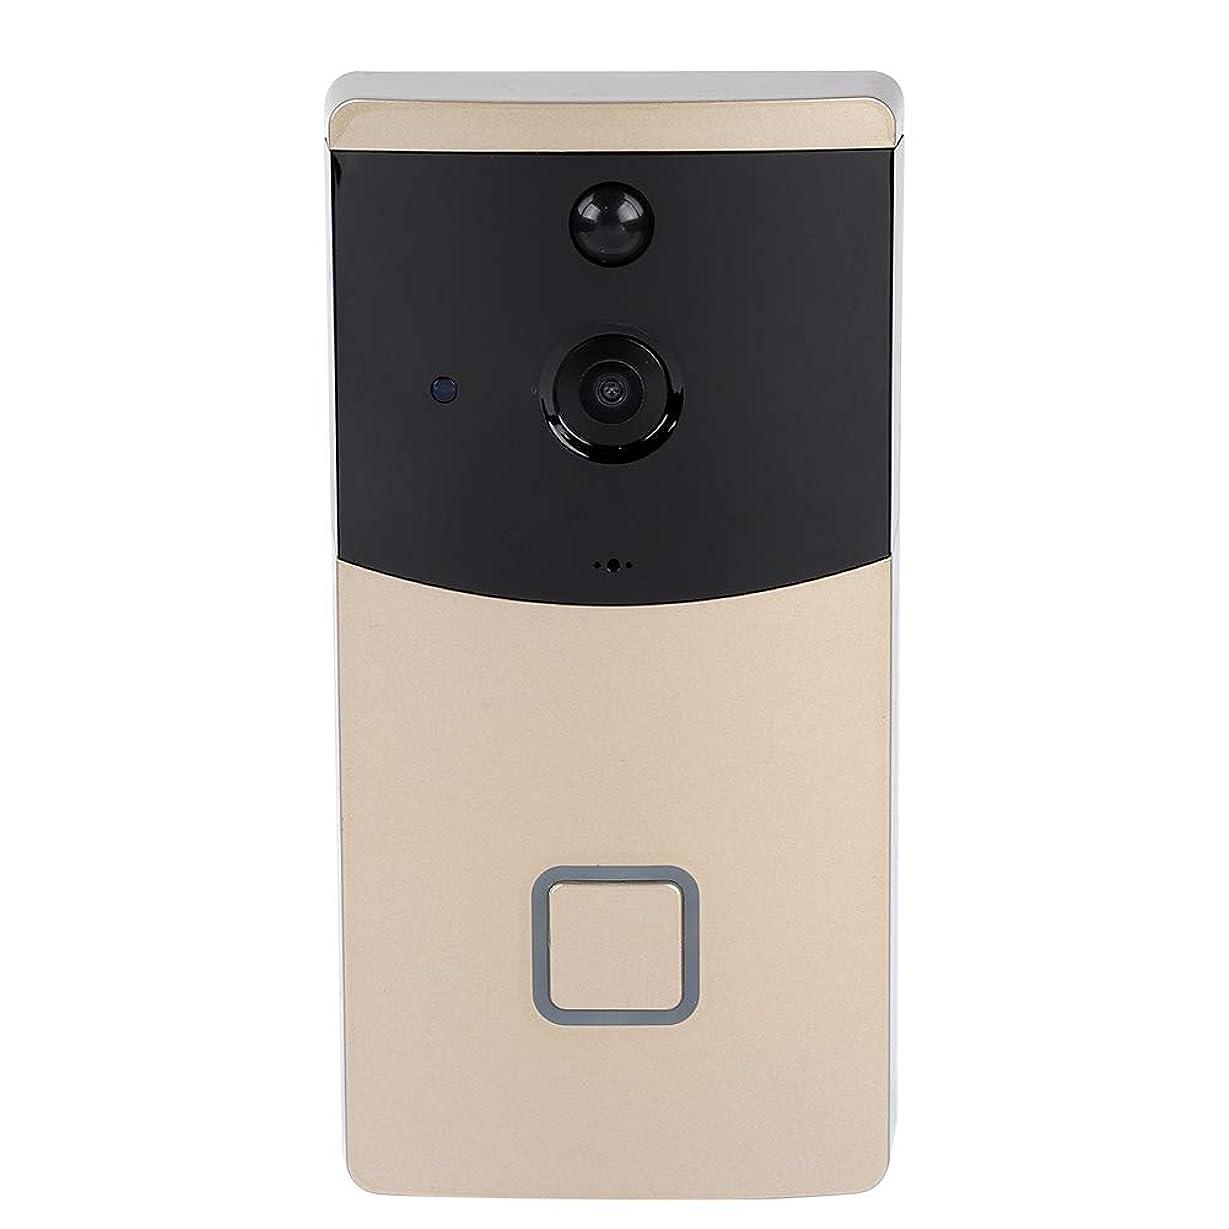 あいまいさサバント市町村Richer-R ビデオドアベル 720 P Wifi IPスマートワイヤレスチャイム 166度広角インターホン ドアカメラ 呼び出し可視チャイム リアルタイムビデオ会話機能 ワイヤレスホームセキュリティ